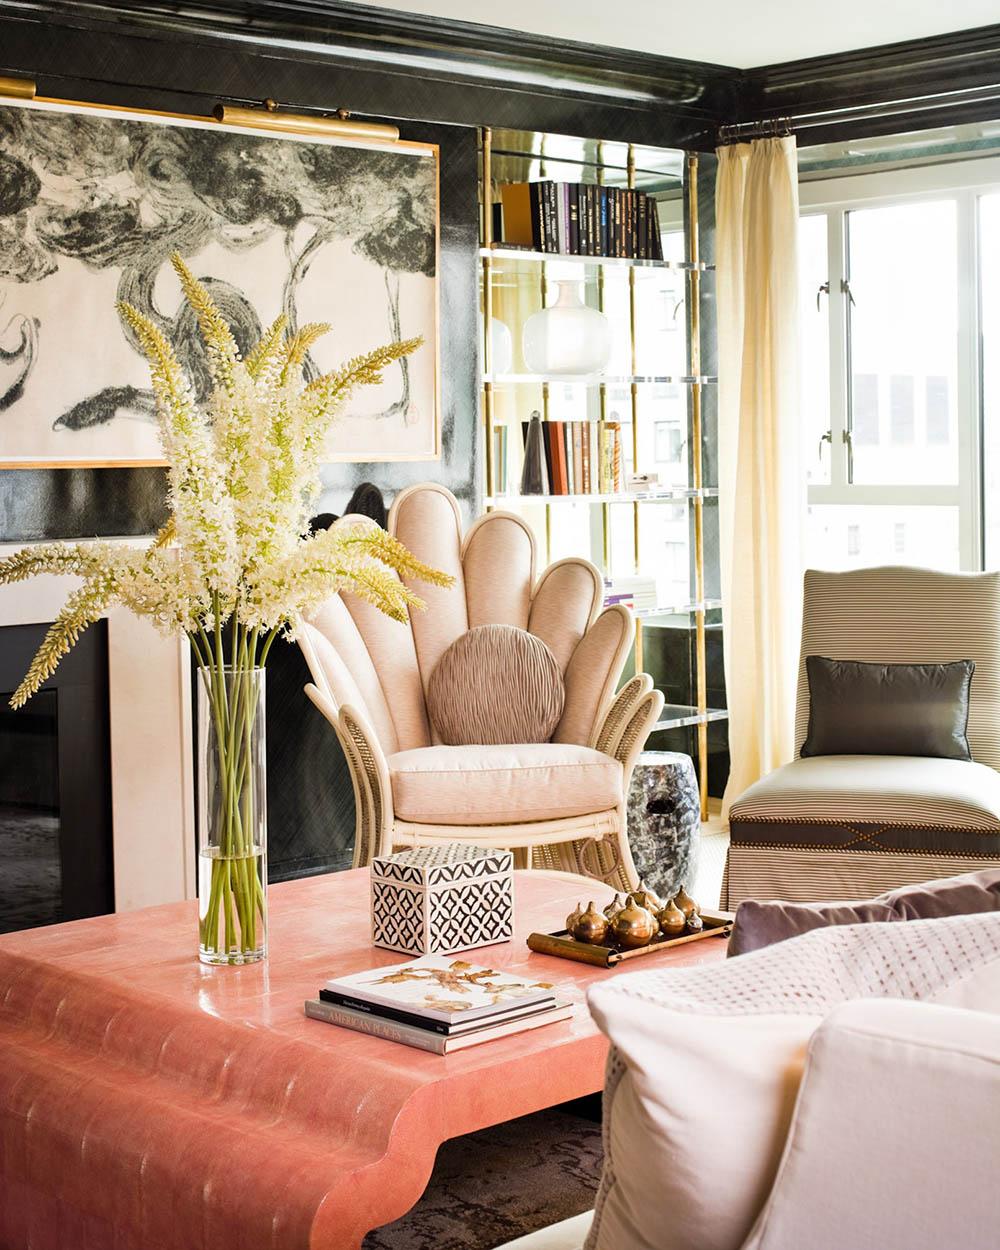 kemble.interiors.inc.portfolio.interiors.living.1501118753.9208689.jpg